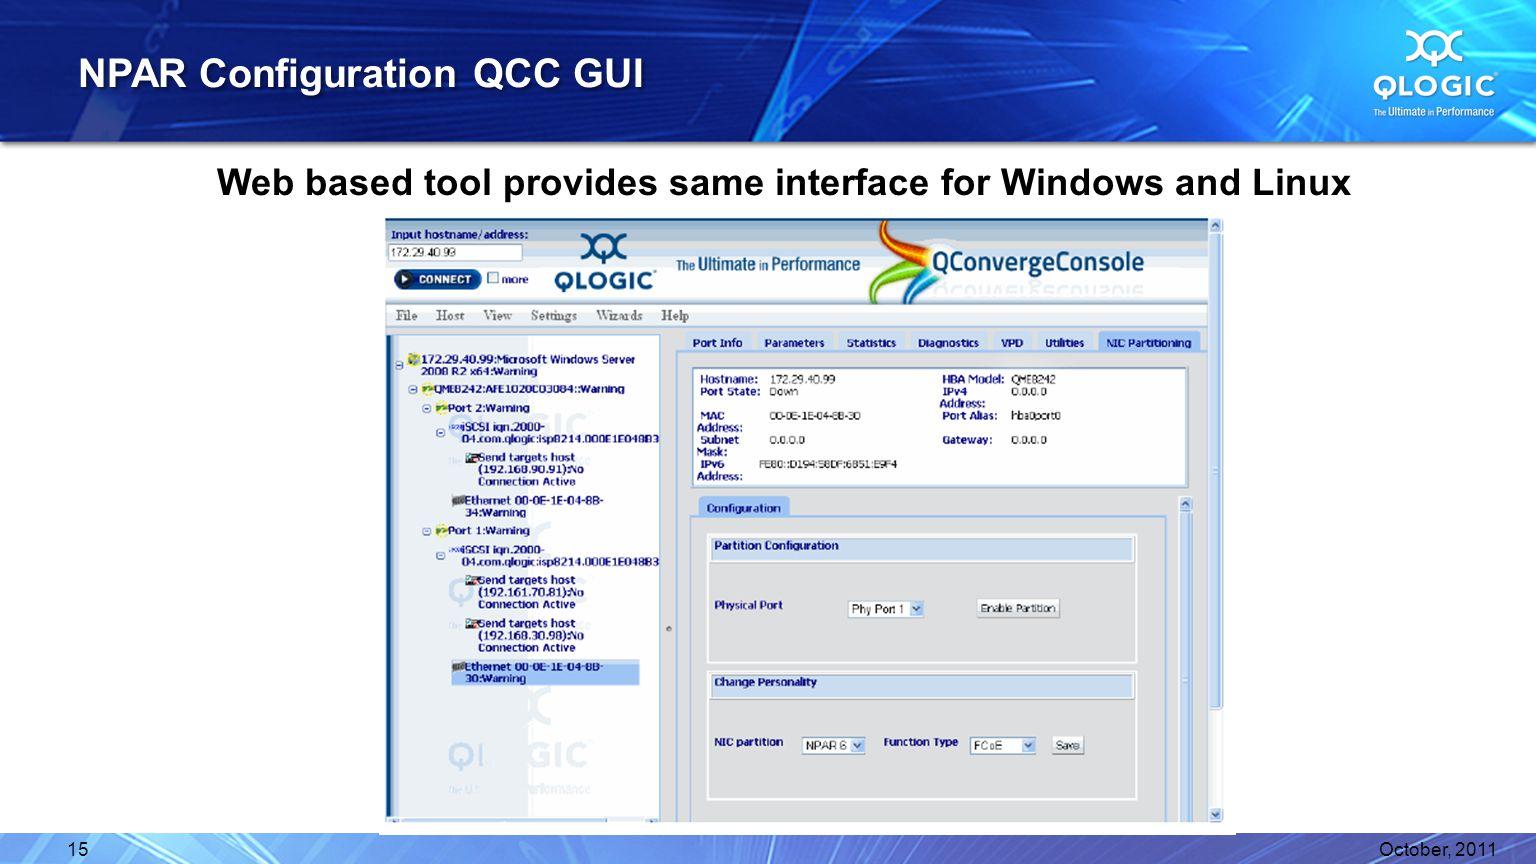 NPAR Configuration QCC GUI